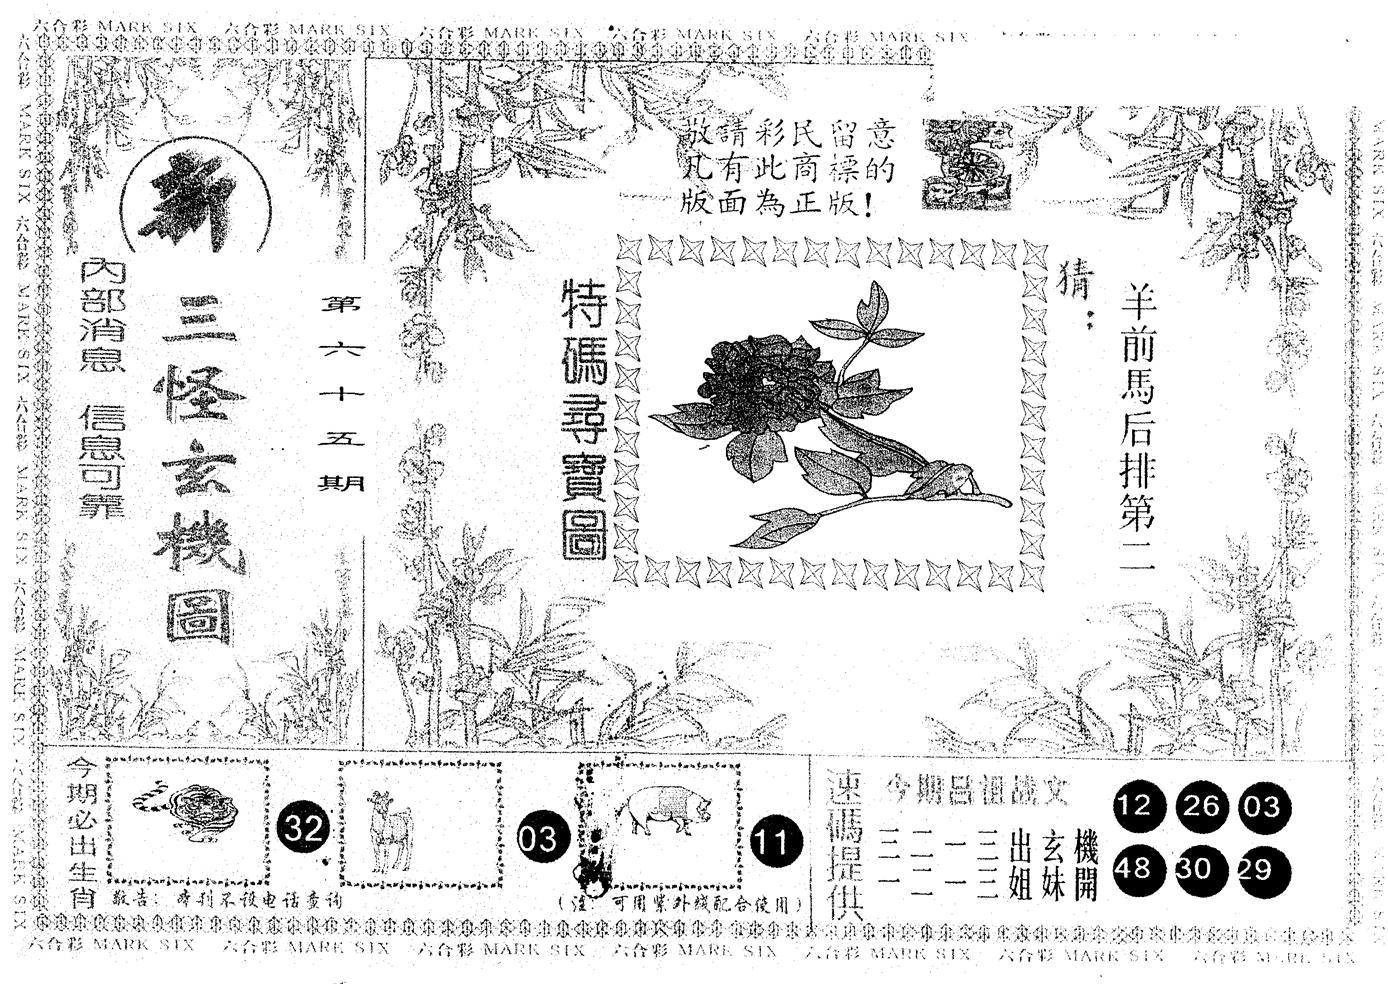 065期另版新三怪(黑白)